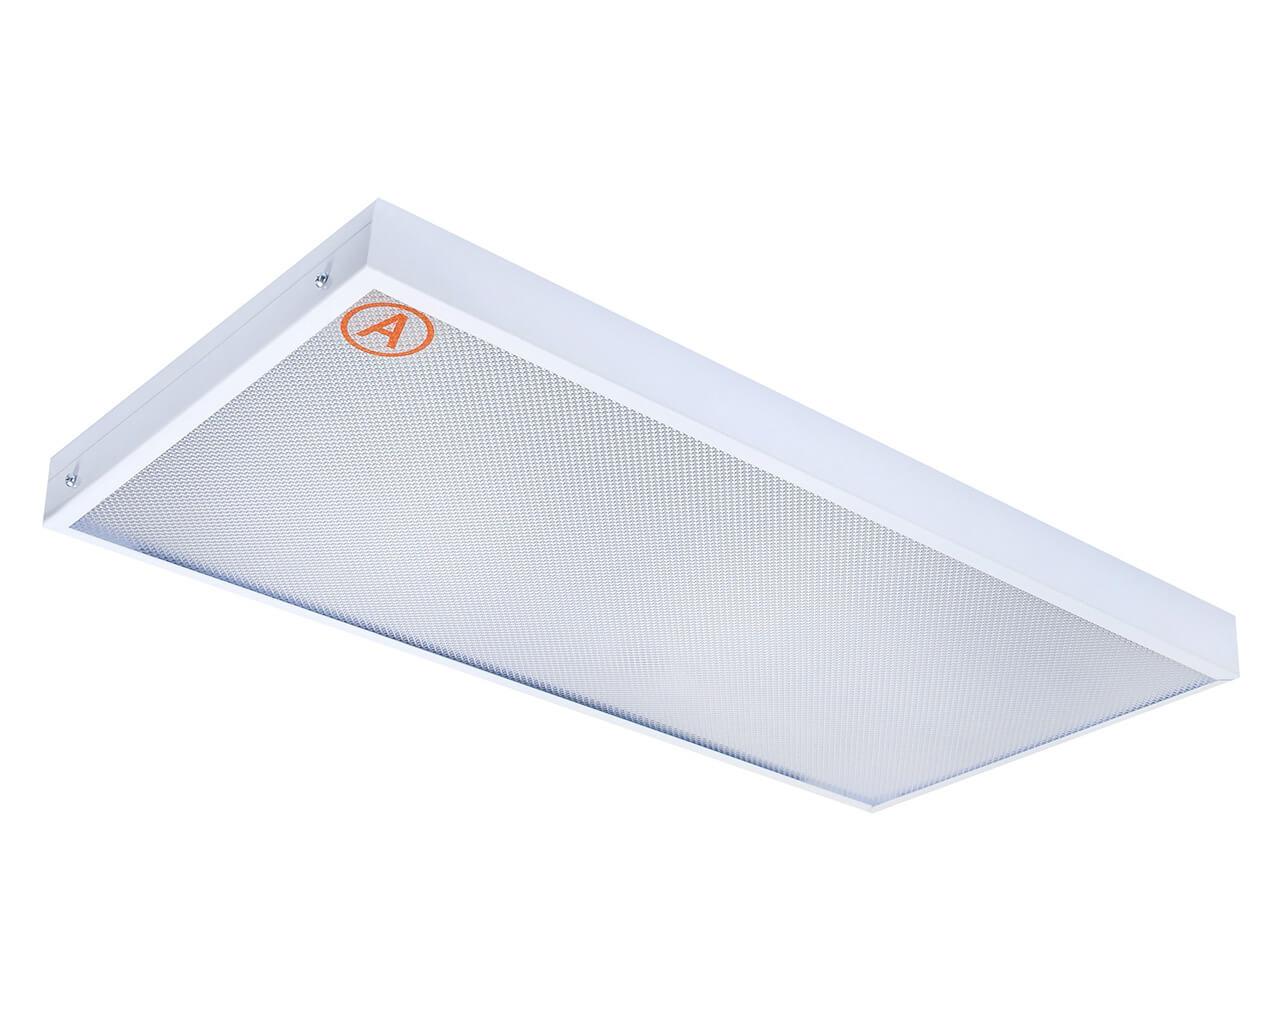 Накладной светильник LC-NSM-40K ватт 595x295 Теплый белый Призма Бап 3 часа